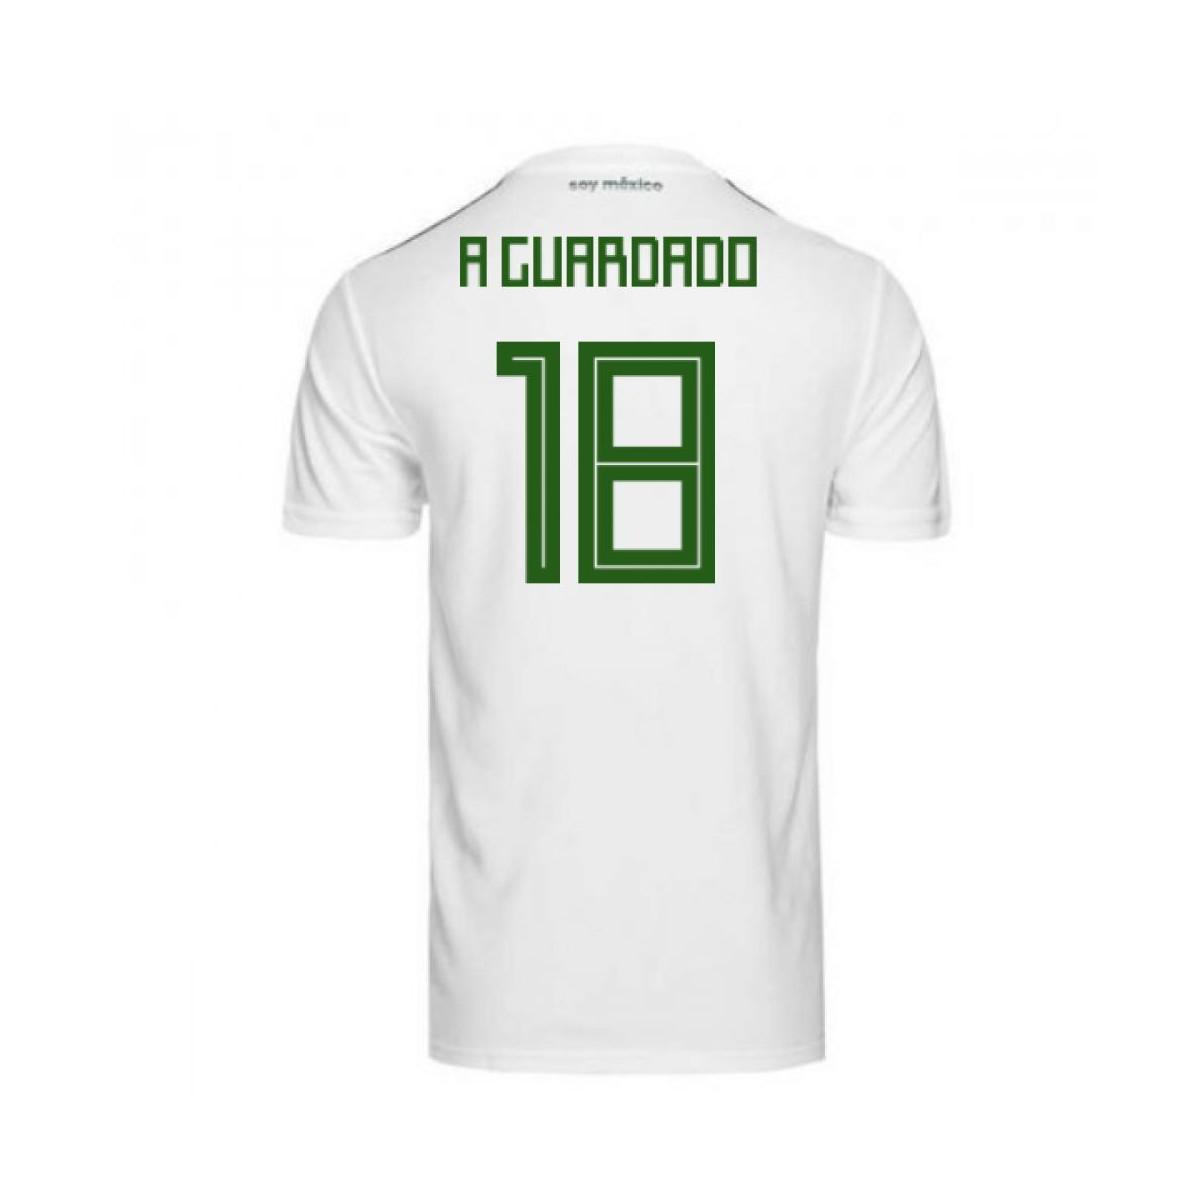 6e69dfd45e1 Adidas 2018-2019 Mexico Away Football Shirt (a Guardado 18) - Kids ...